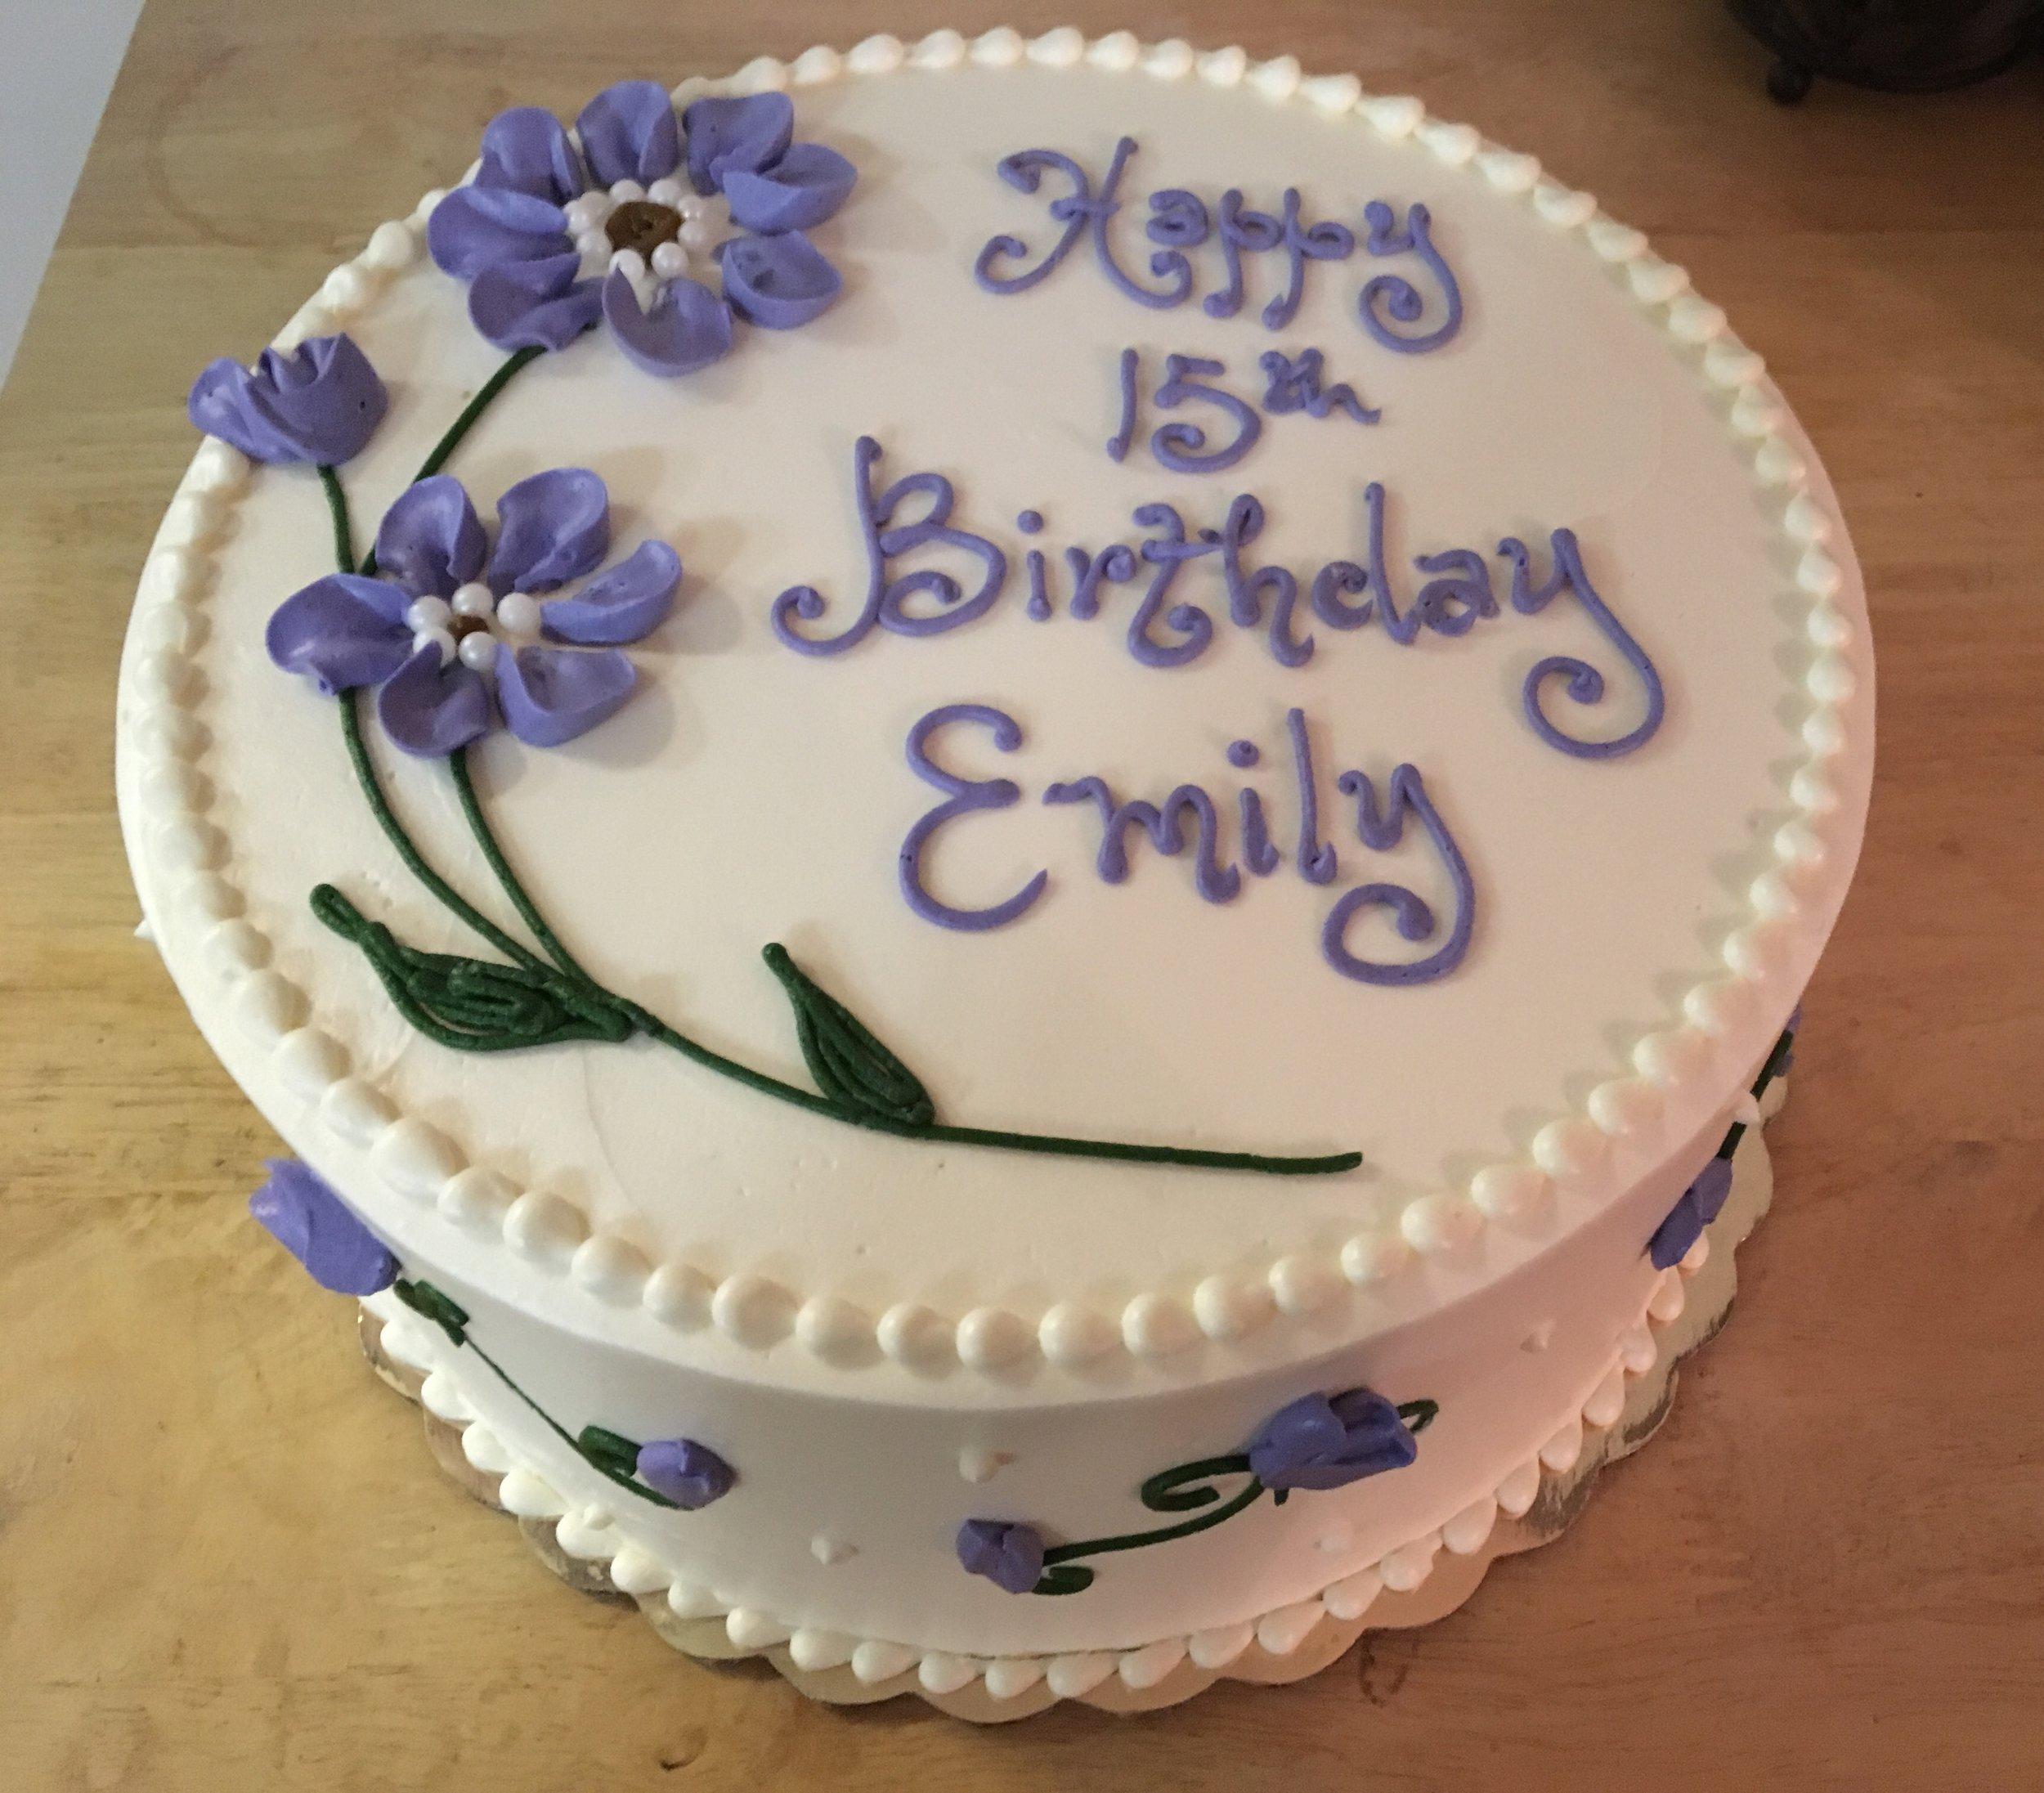 emily_birthday.JPG